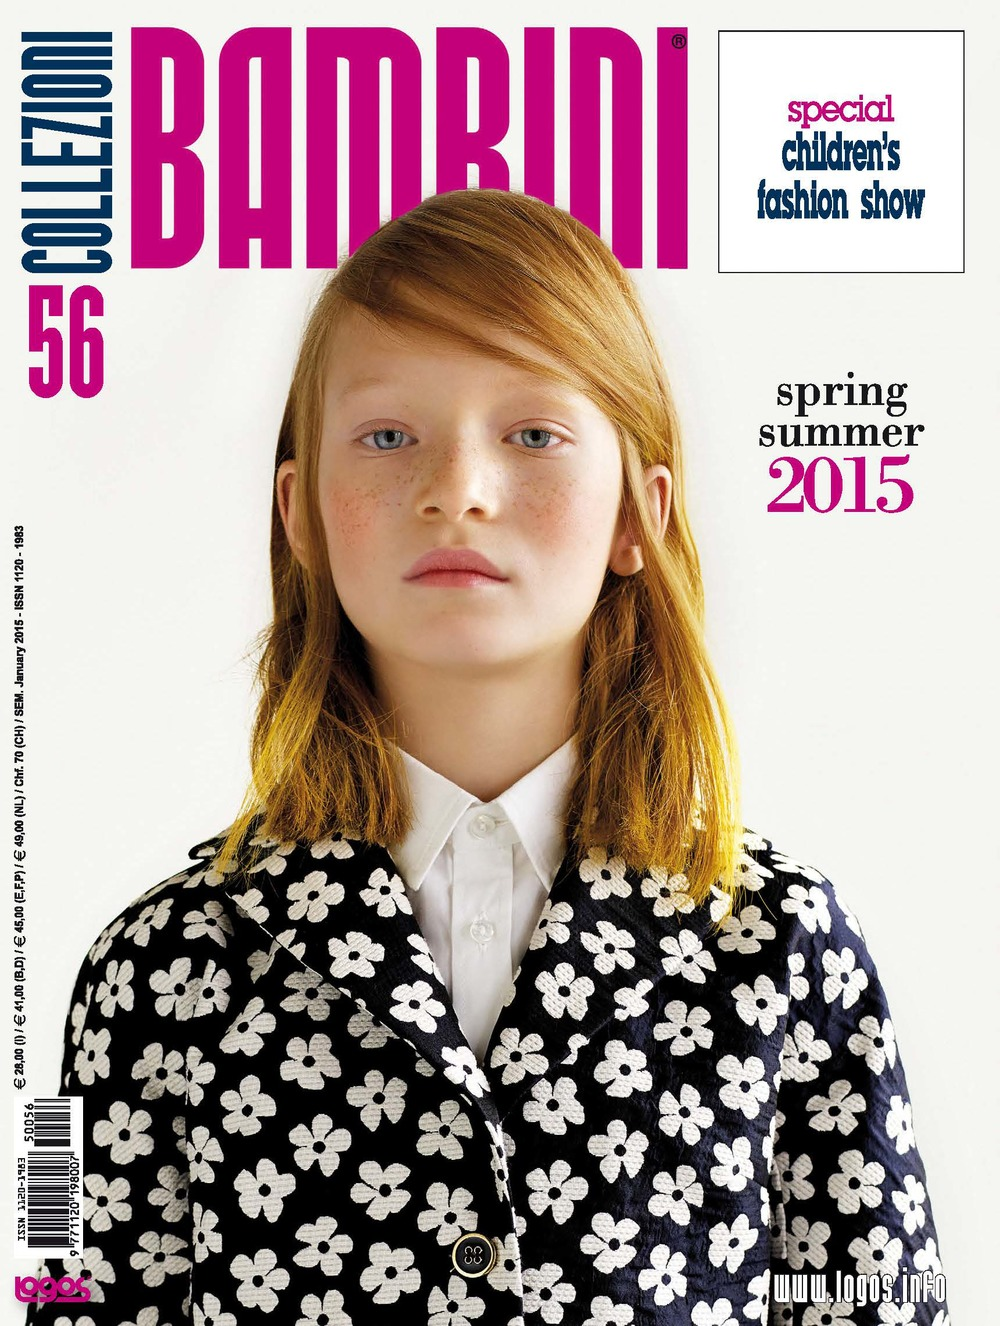 Collezioni Bambini 56 Zinio_Pagina_001.jpg